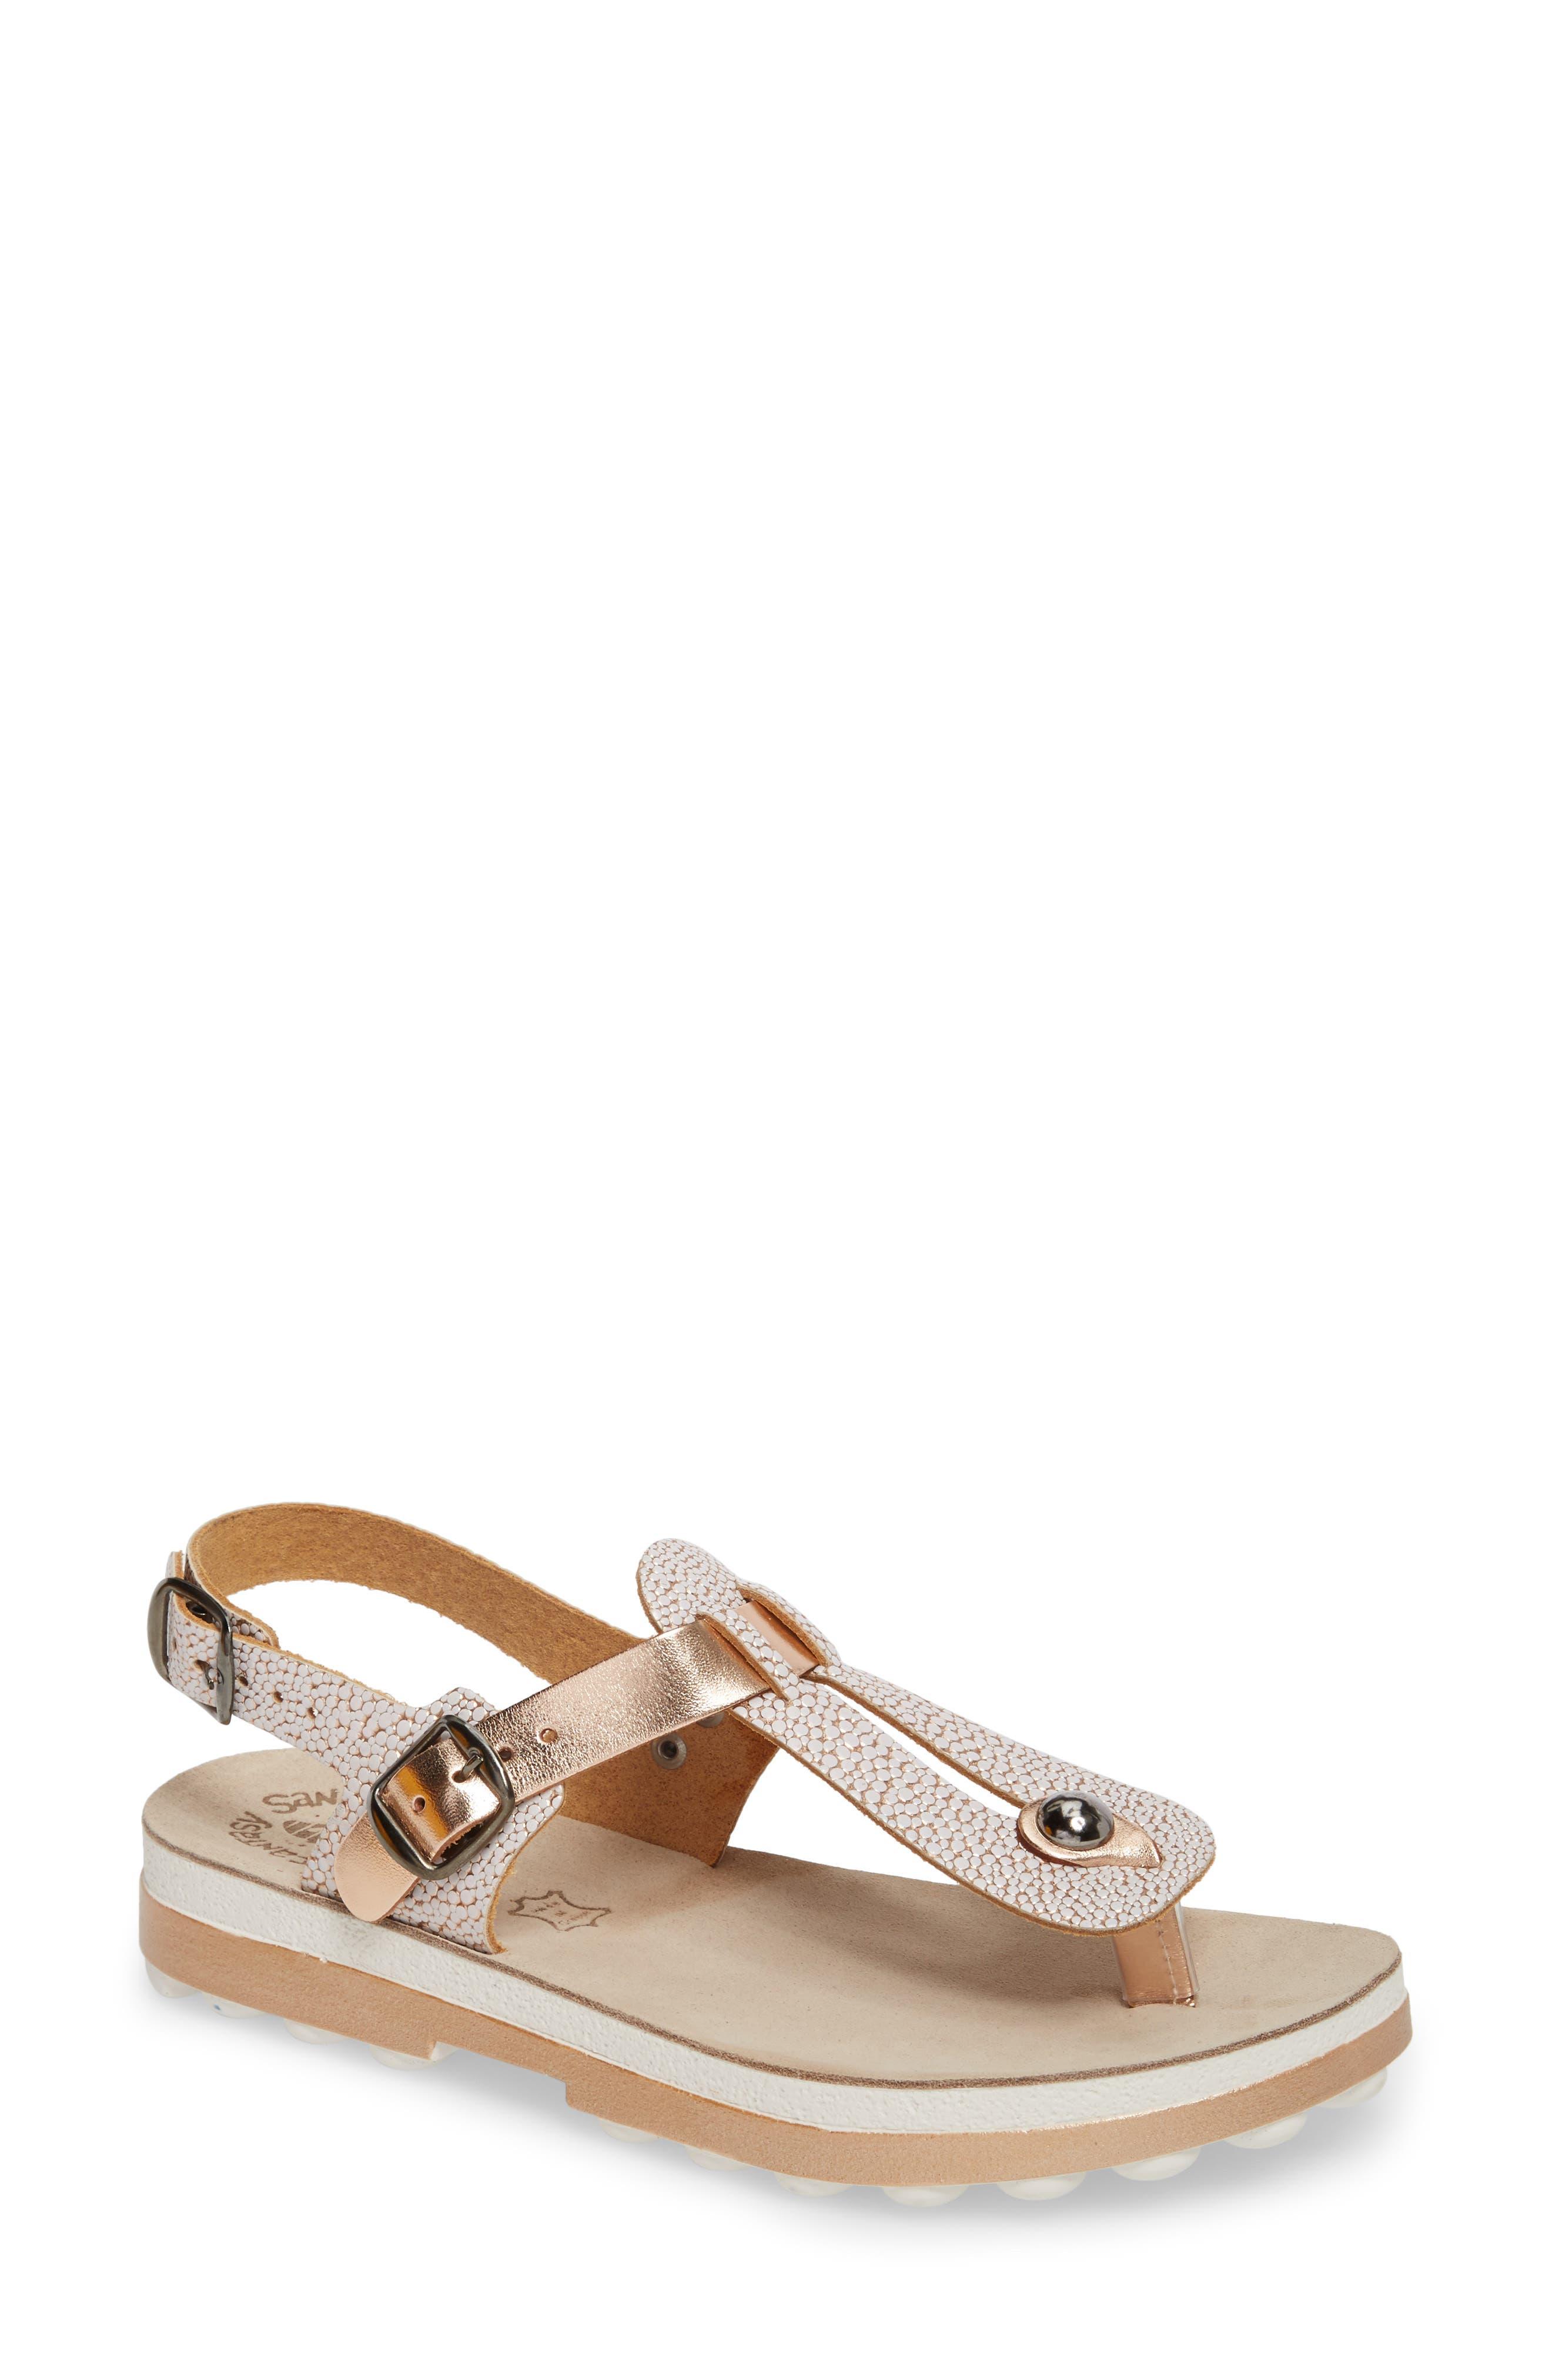 Marlena Fantasy Sandal,                         Main,                         color, Rose Gold Leather